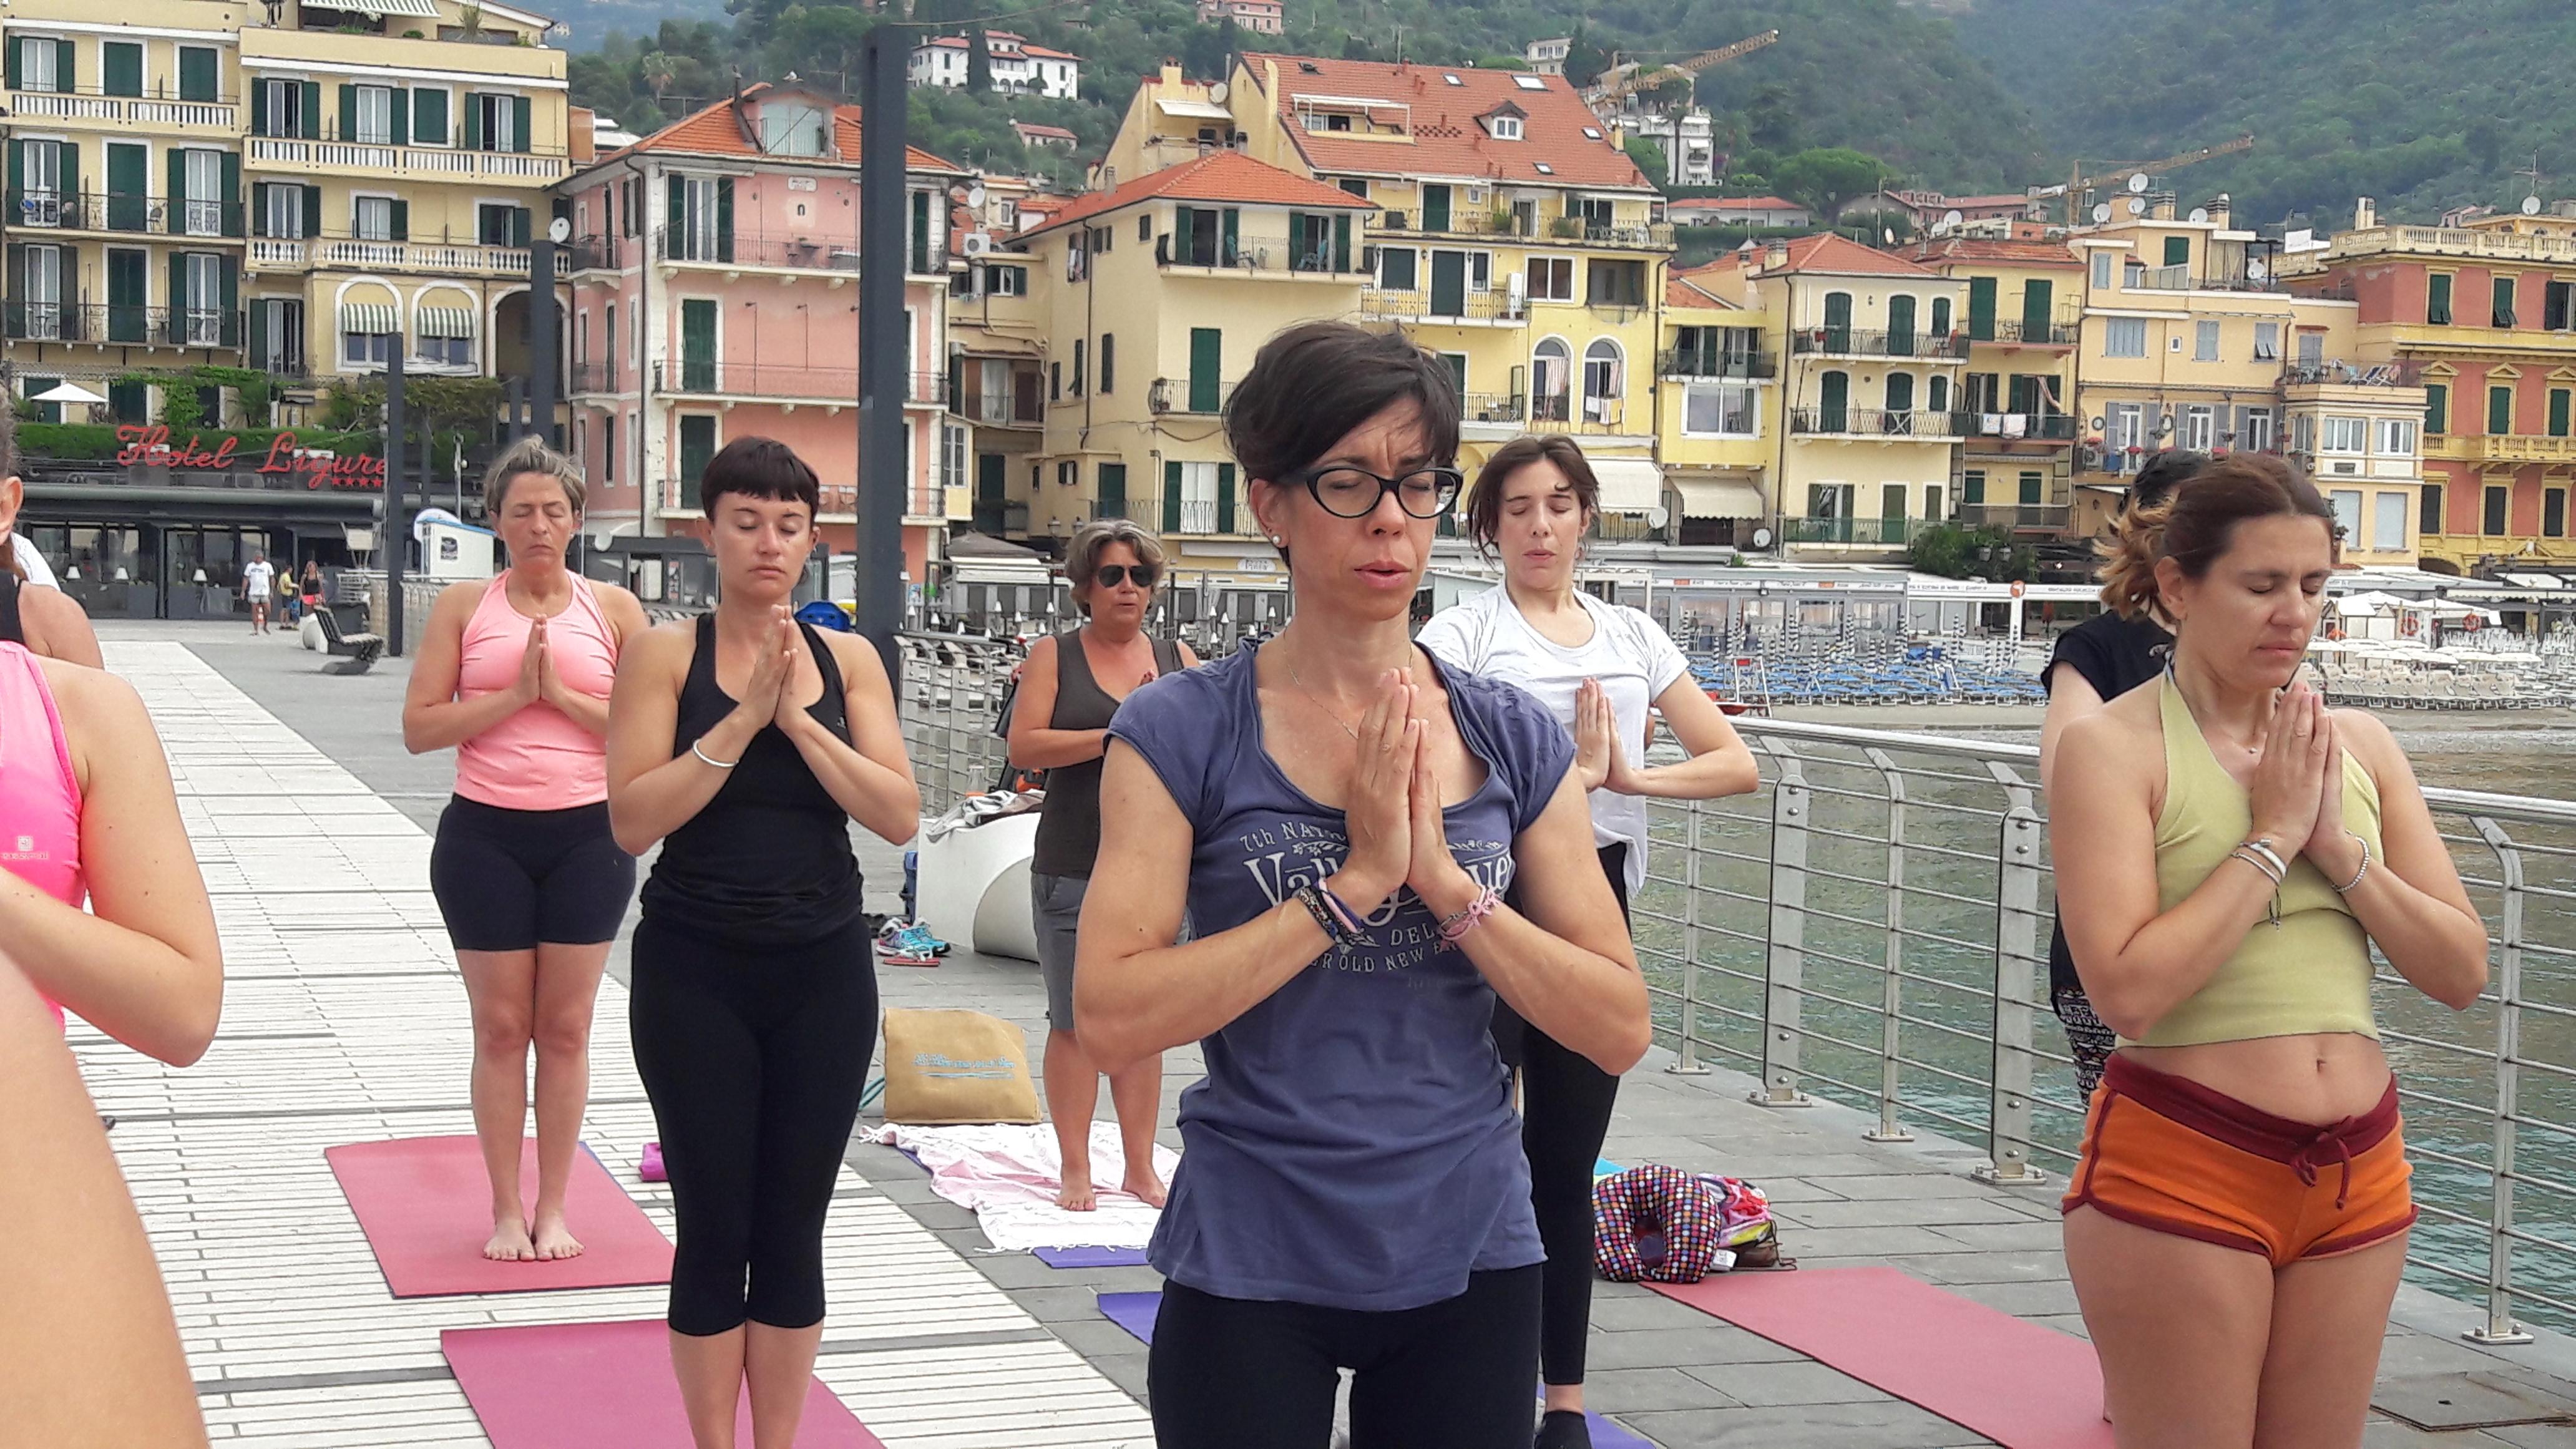 1_essere-free-yoga-gratuito-benessere-per-tutti-village-citta-alassio-estate-lucia-ragazzi-summer-town-wellness-064